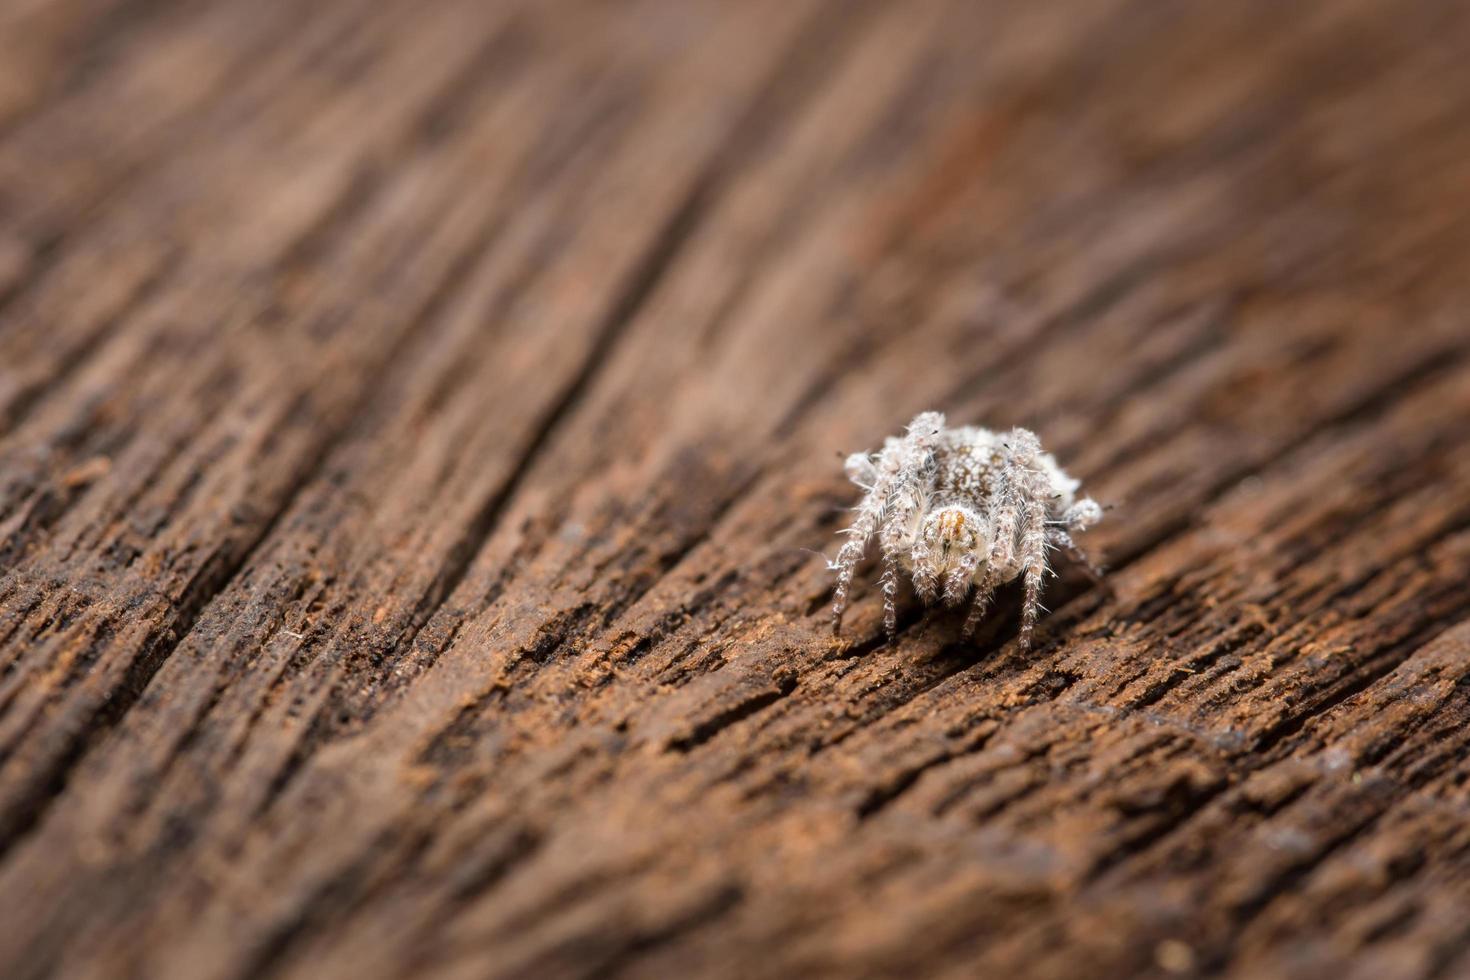 araignée sur un arbre, gros plan photo